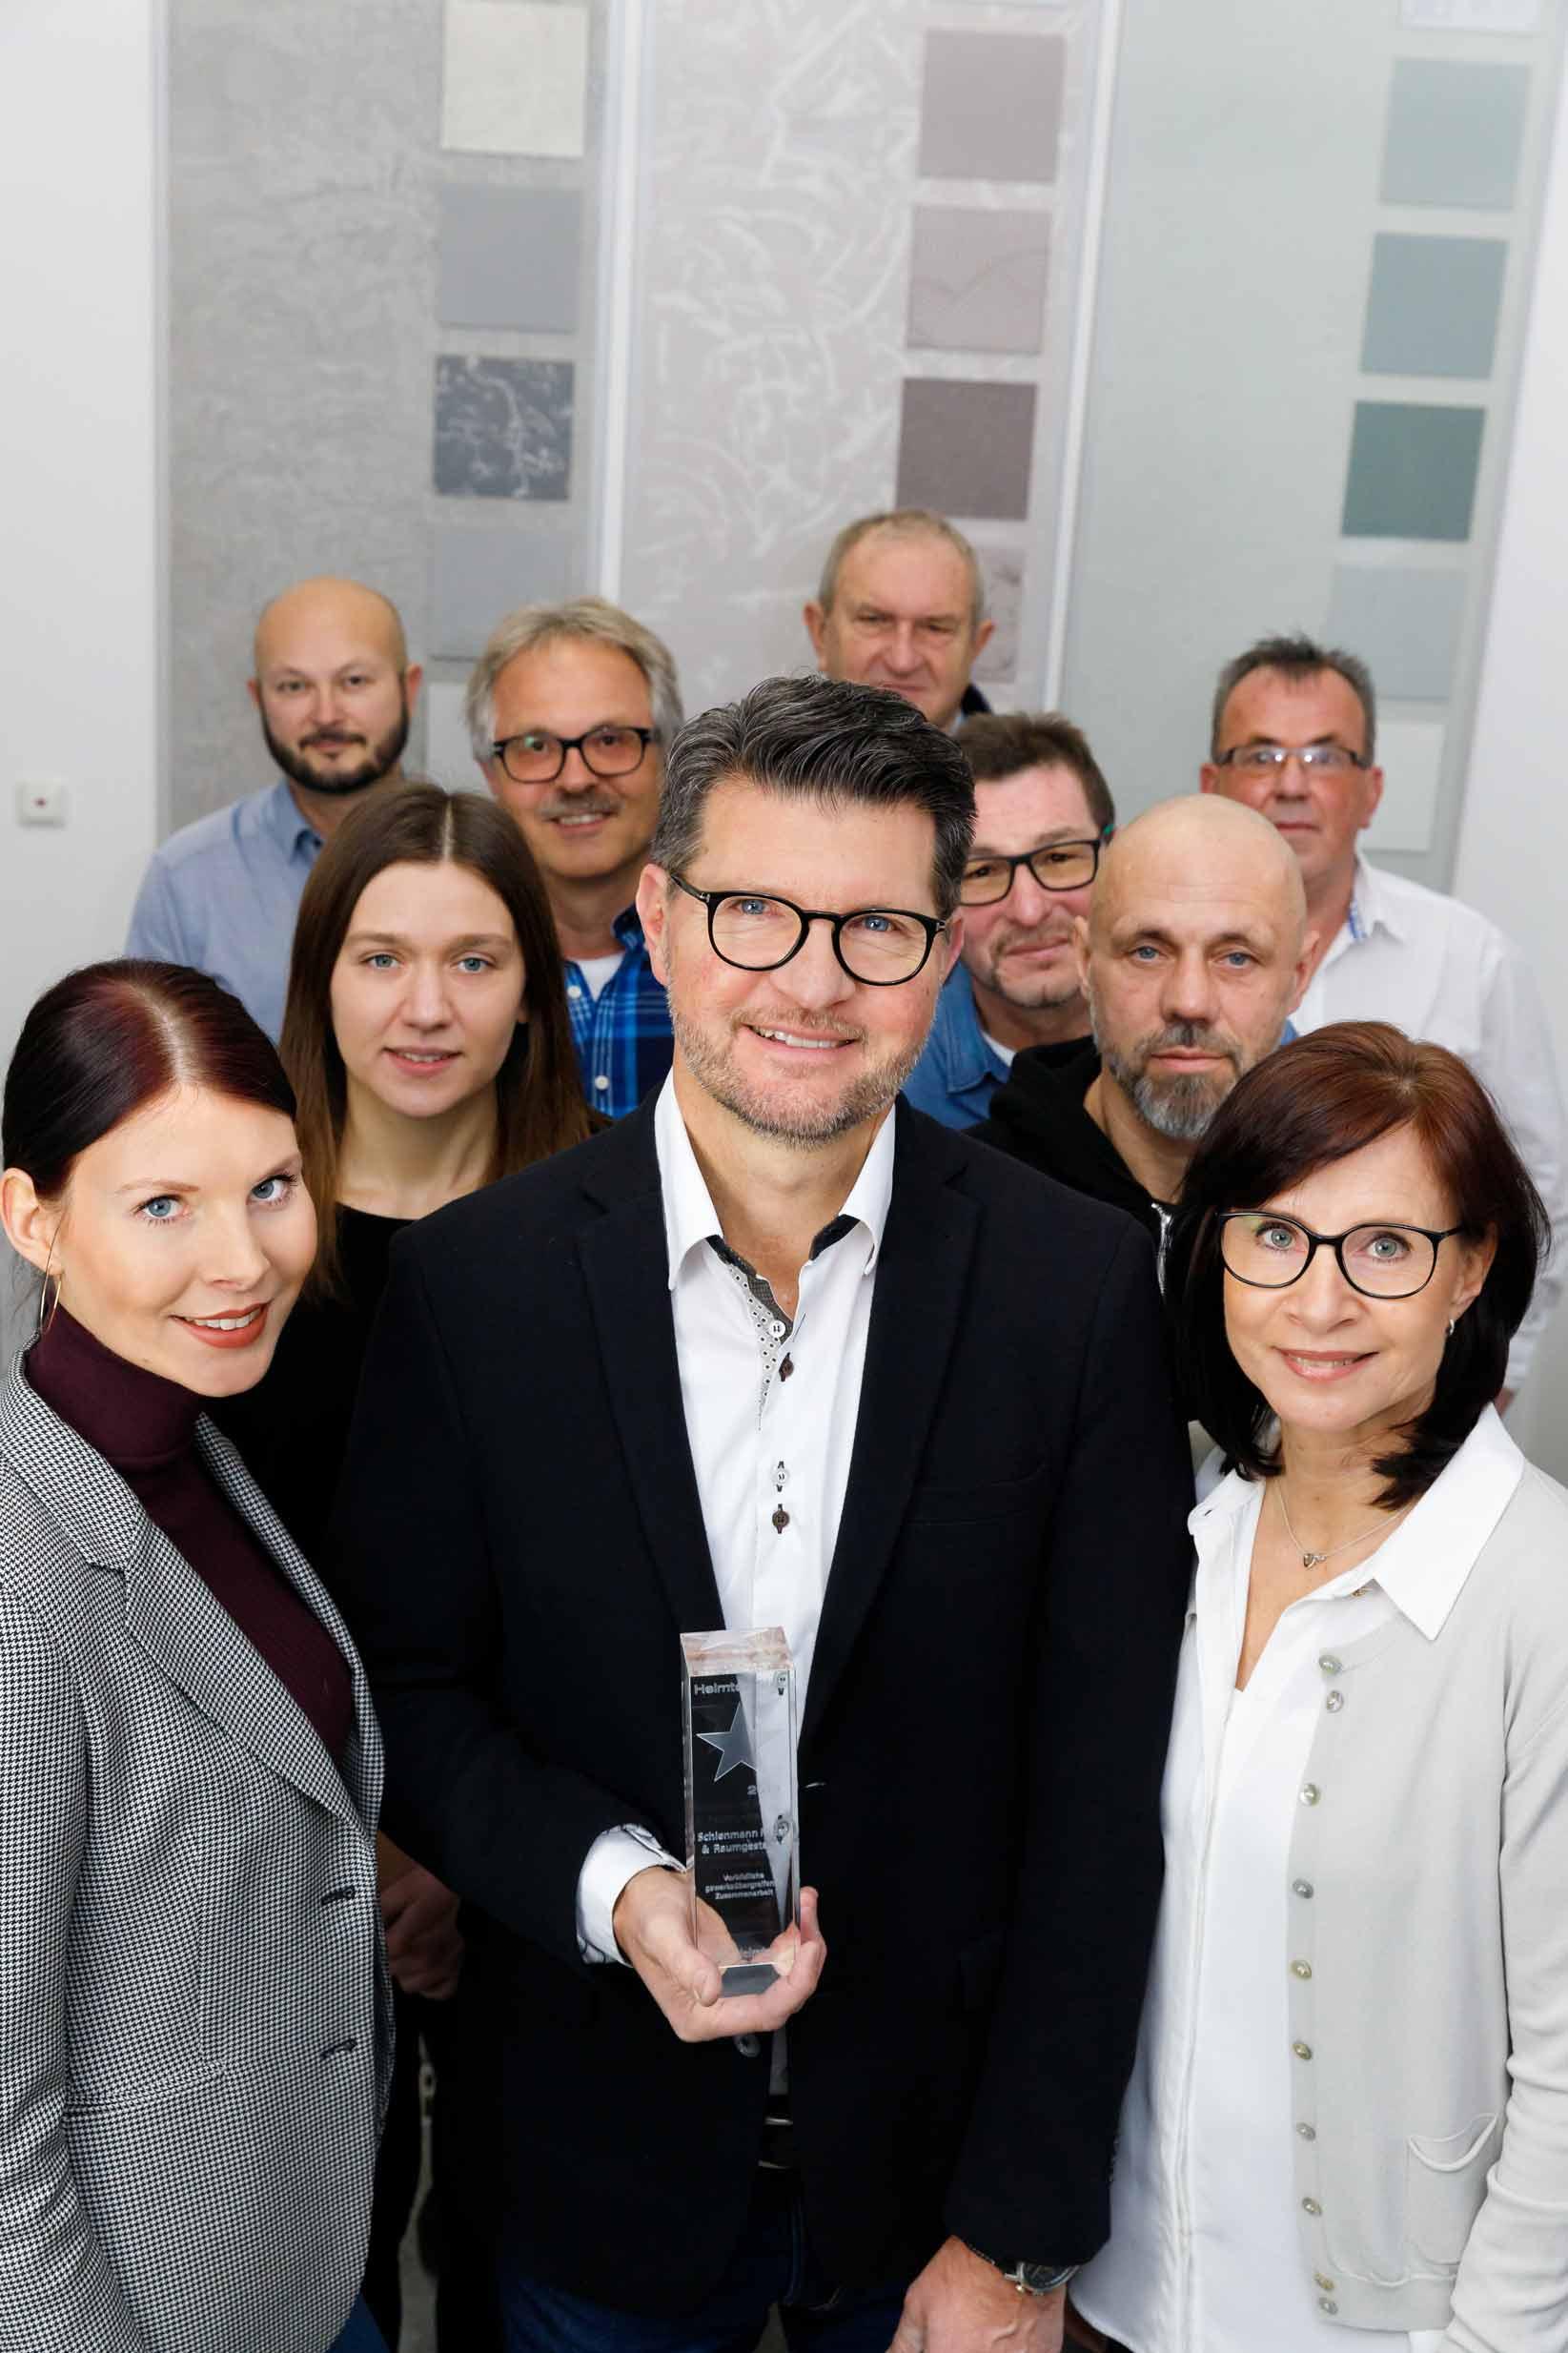 Heimtex Star Preisverleihung Businessfotograf IMG 6104w